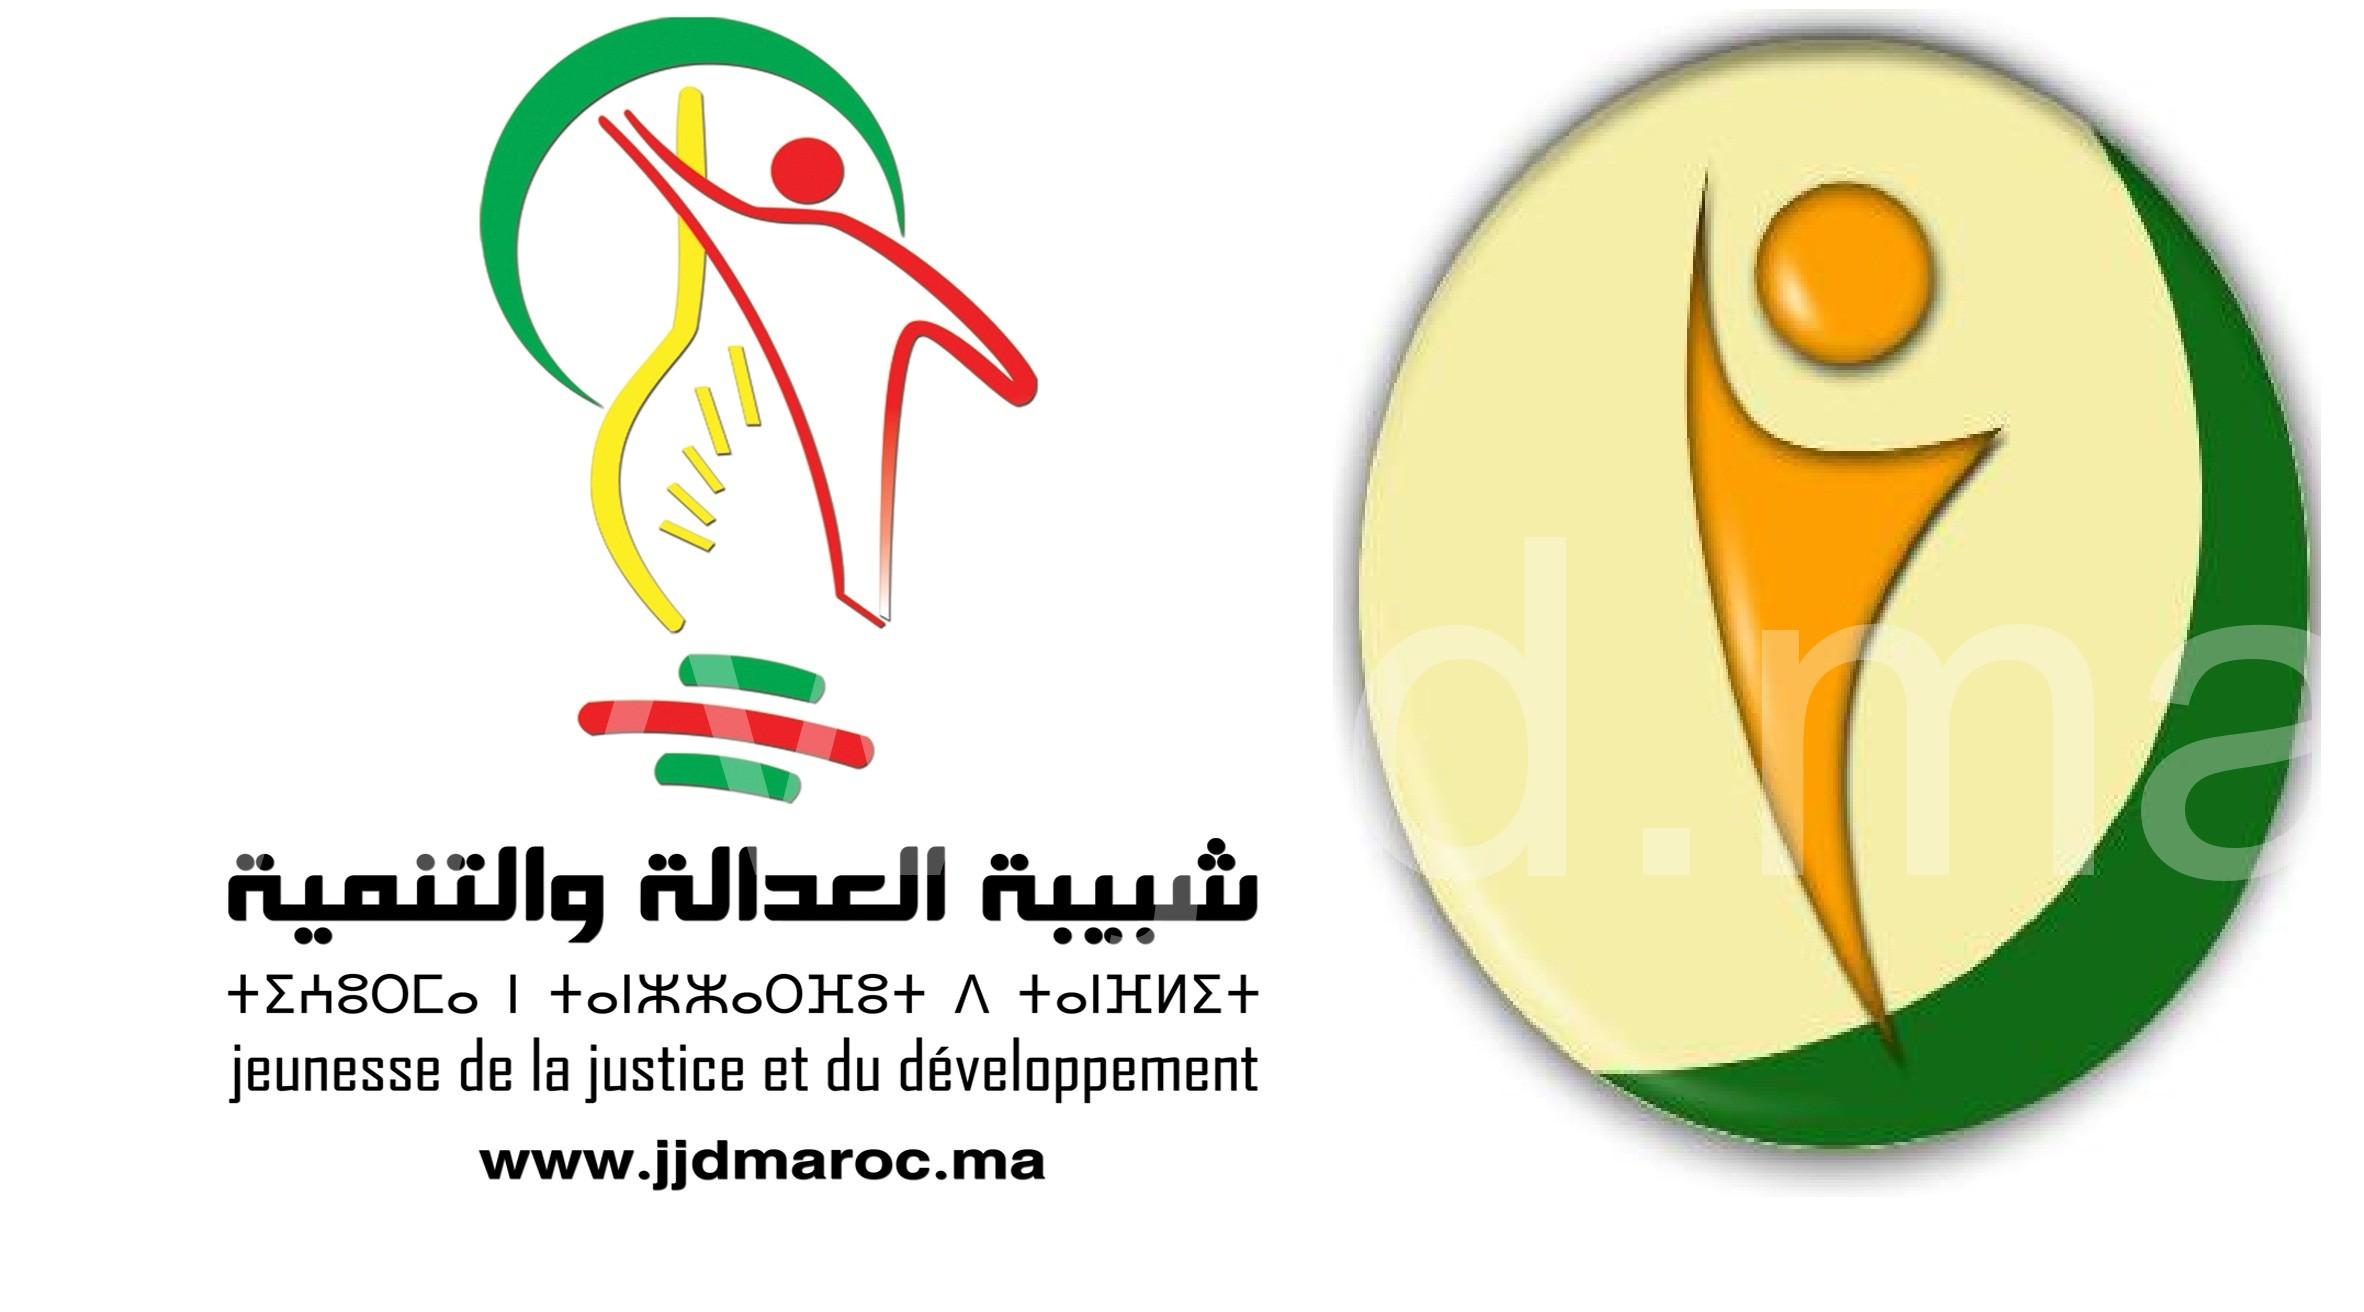 شبيبة العدالة والتنمية تعقد مؤتمرها الإقليمي